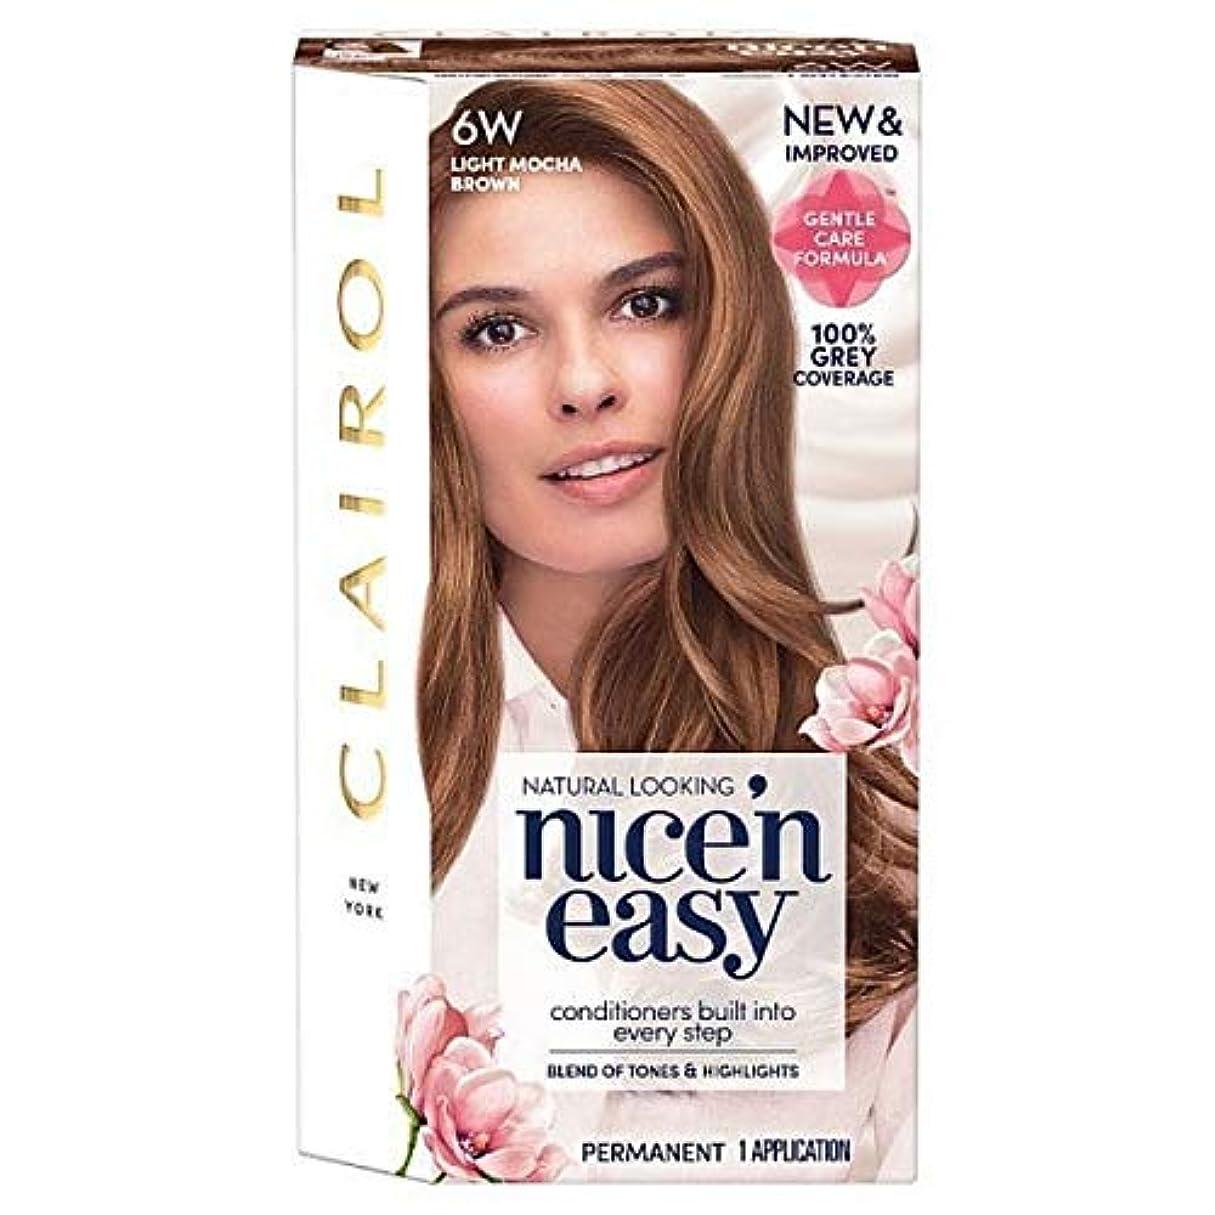 可能性書く提案する[Nice'n Easy] Nice'N簡単に6ワットライトモカブラウン - Nice'n Easy 6W Light Mocha Brown [並行輸入品]